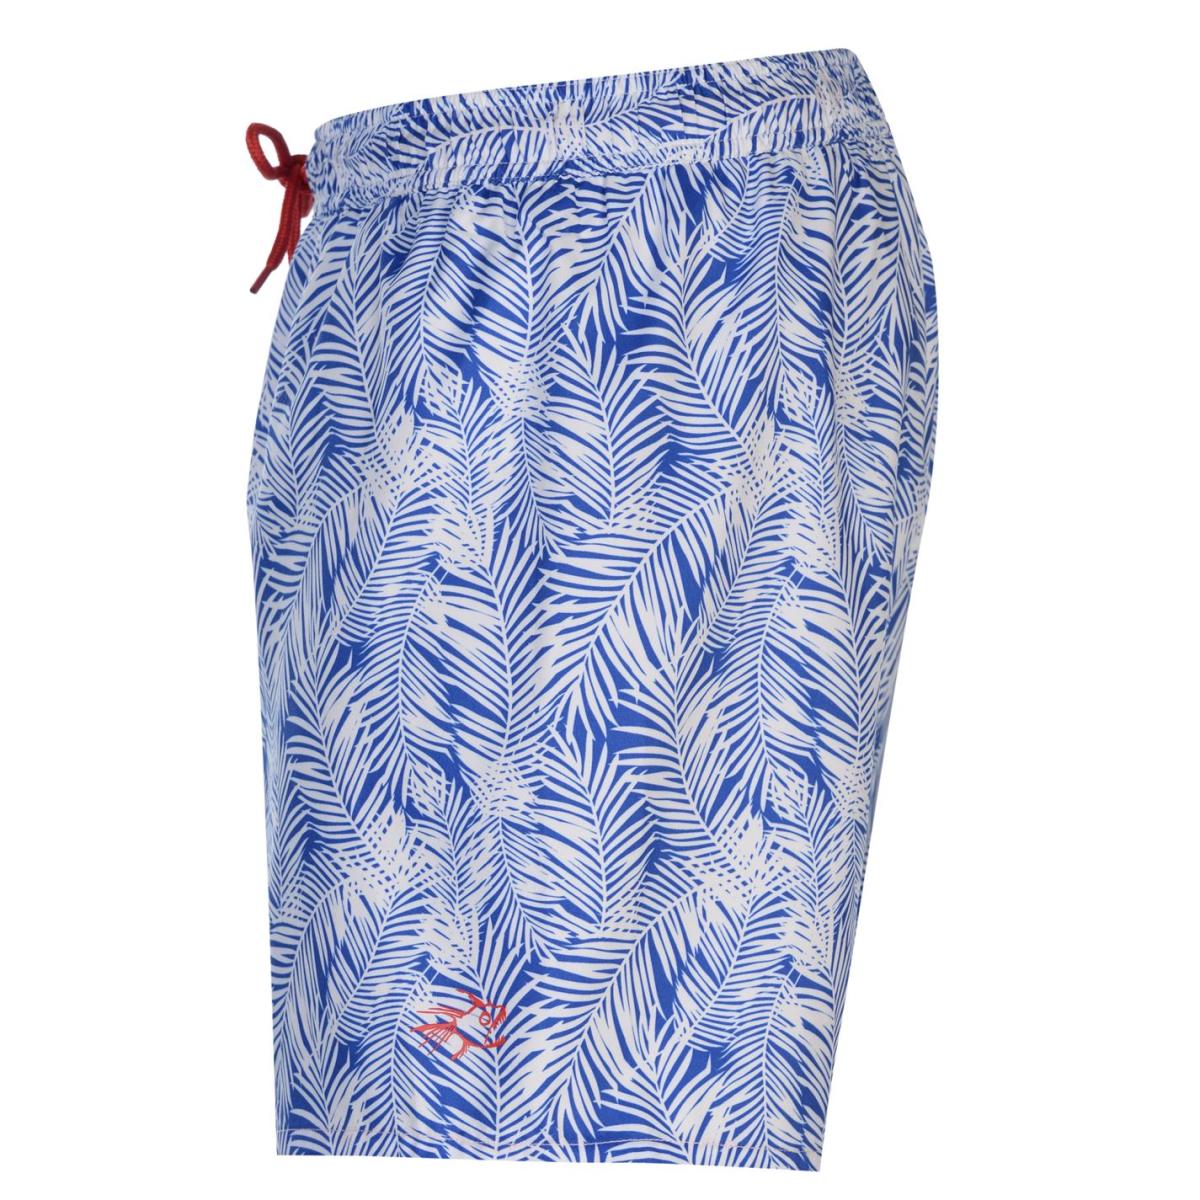 Hot Tuna Oasis Shorts Herren Blau